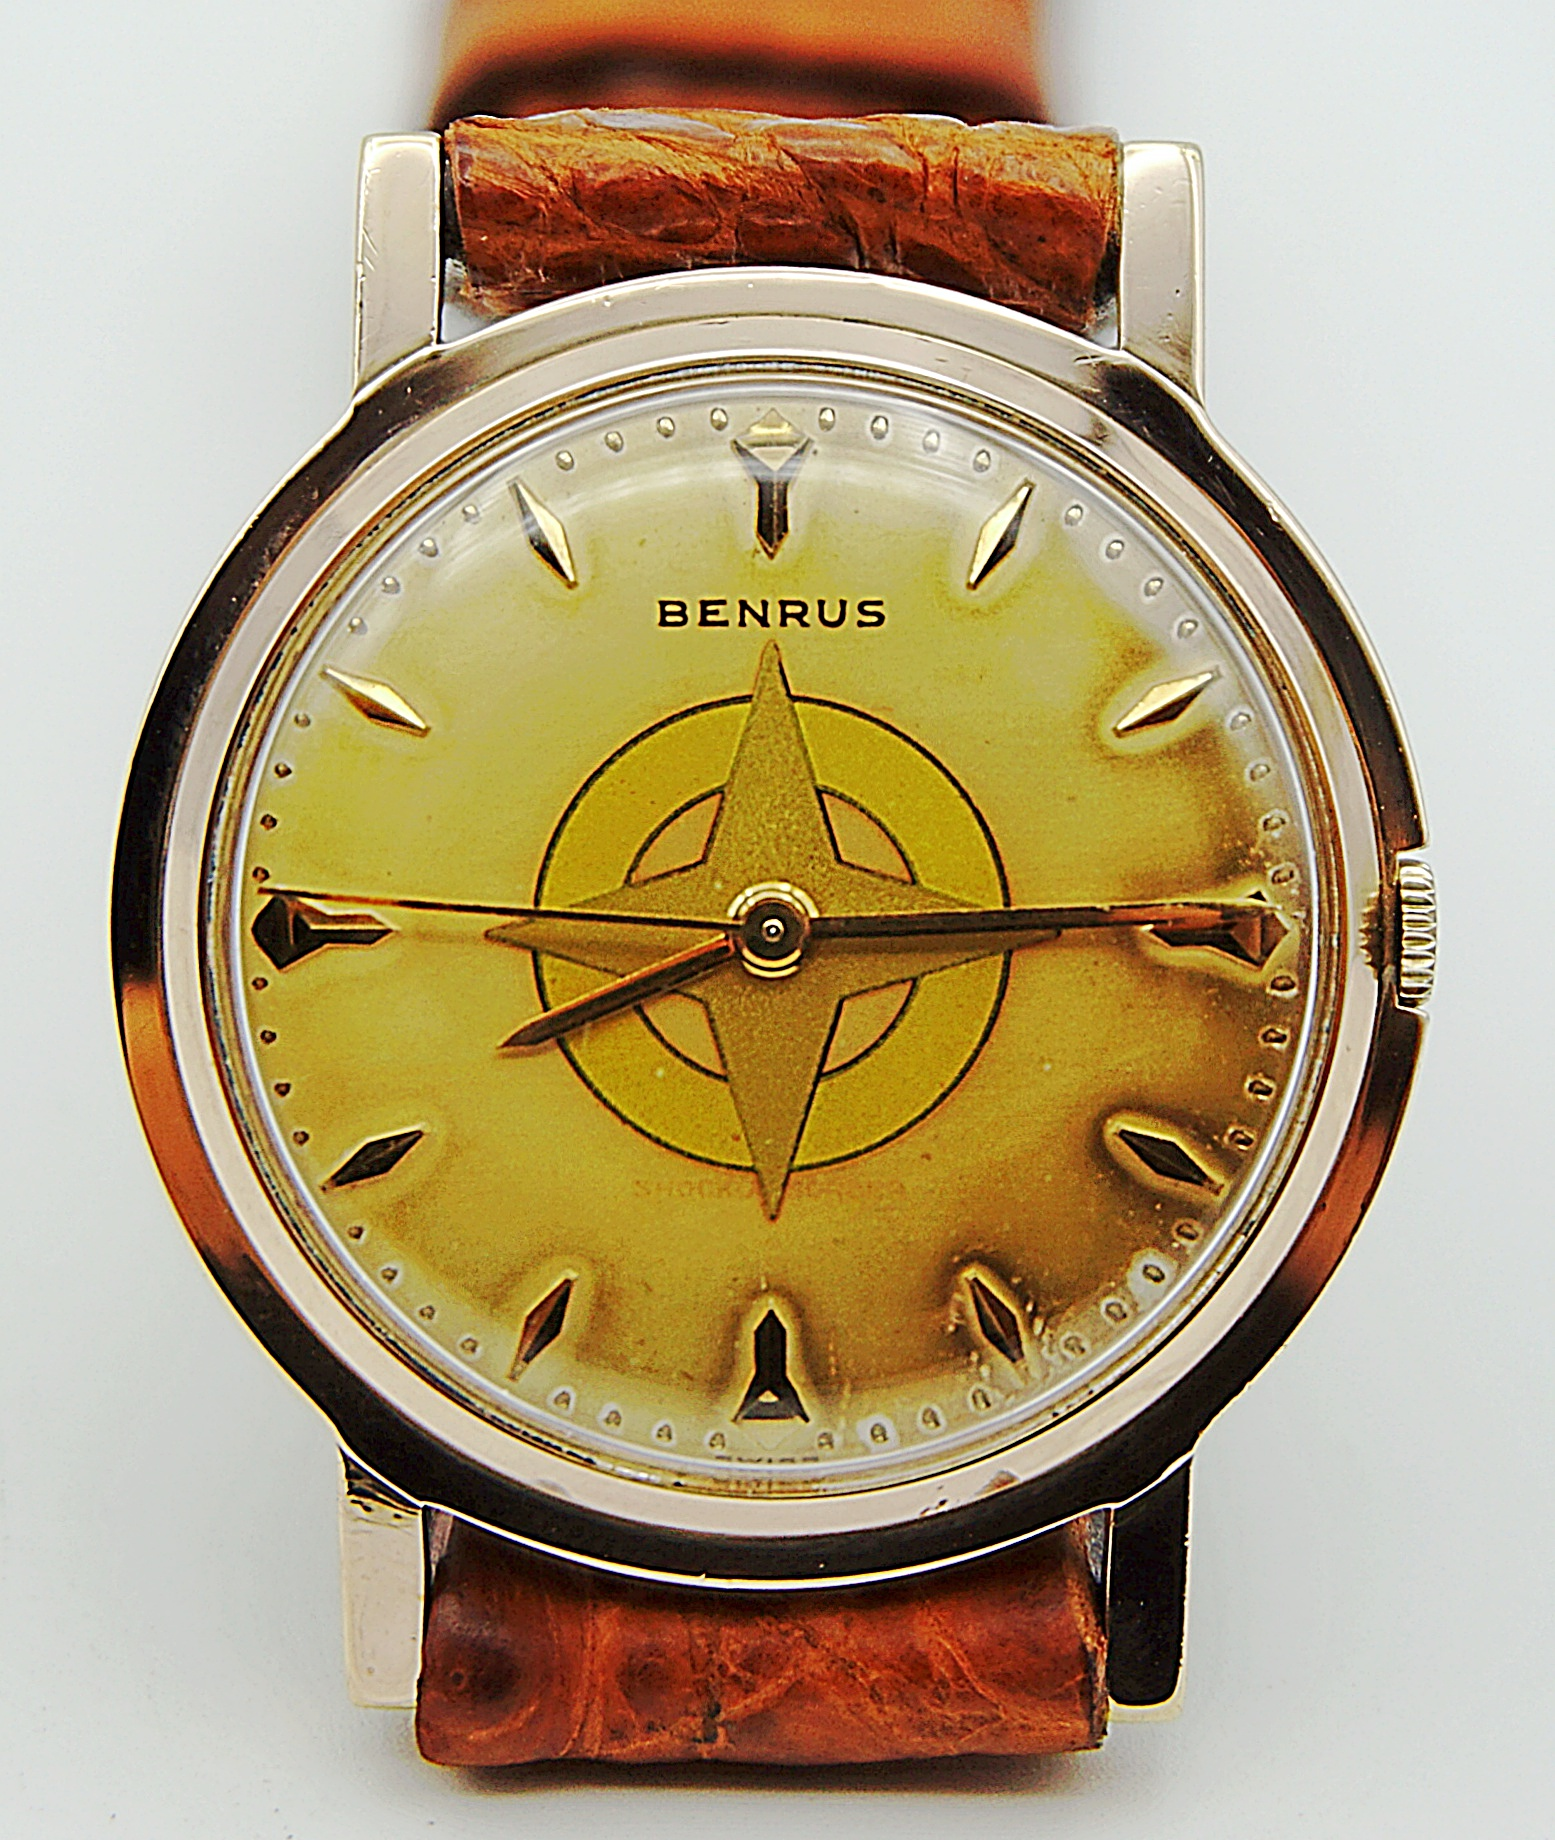 นาฬิกาเก่า BENRUS ไขลาน